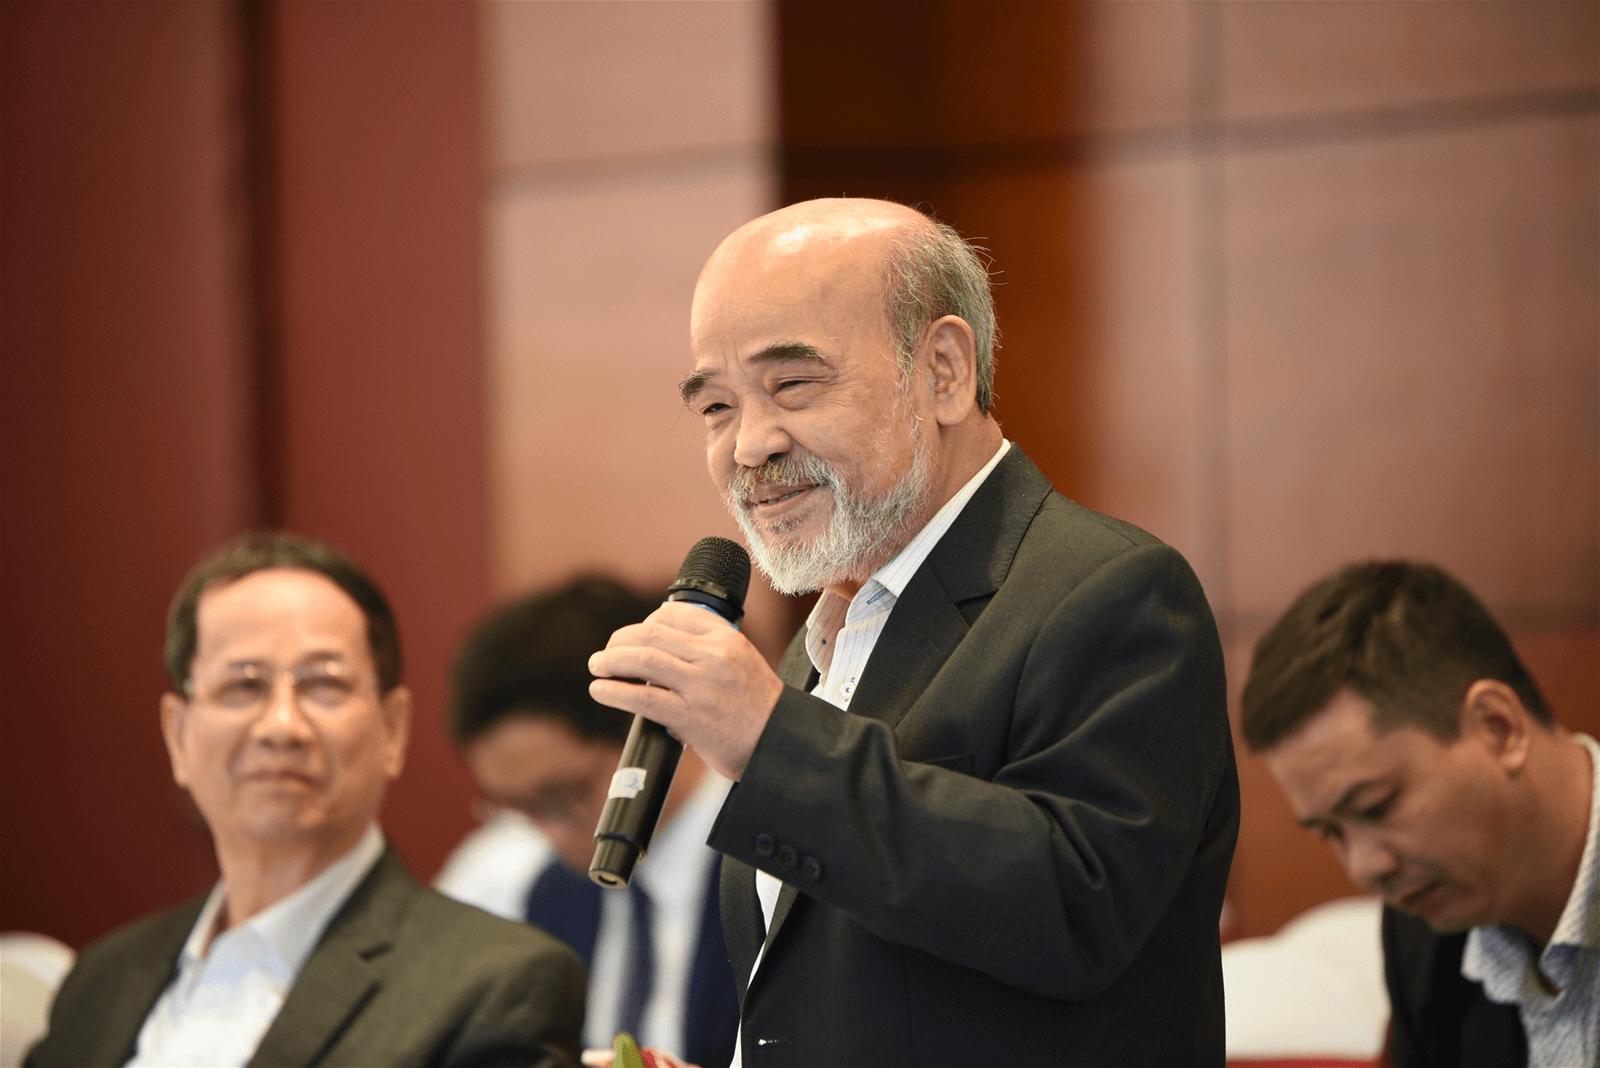 giáo sư Đặng Hùng Võ phát biểu tại một hội thảo về bất động sản nông nghiệp